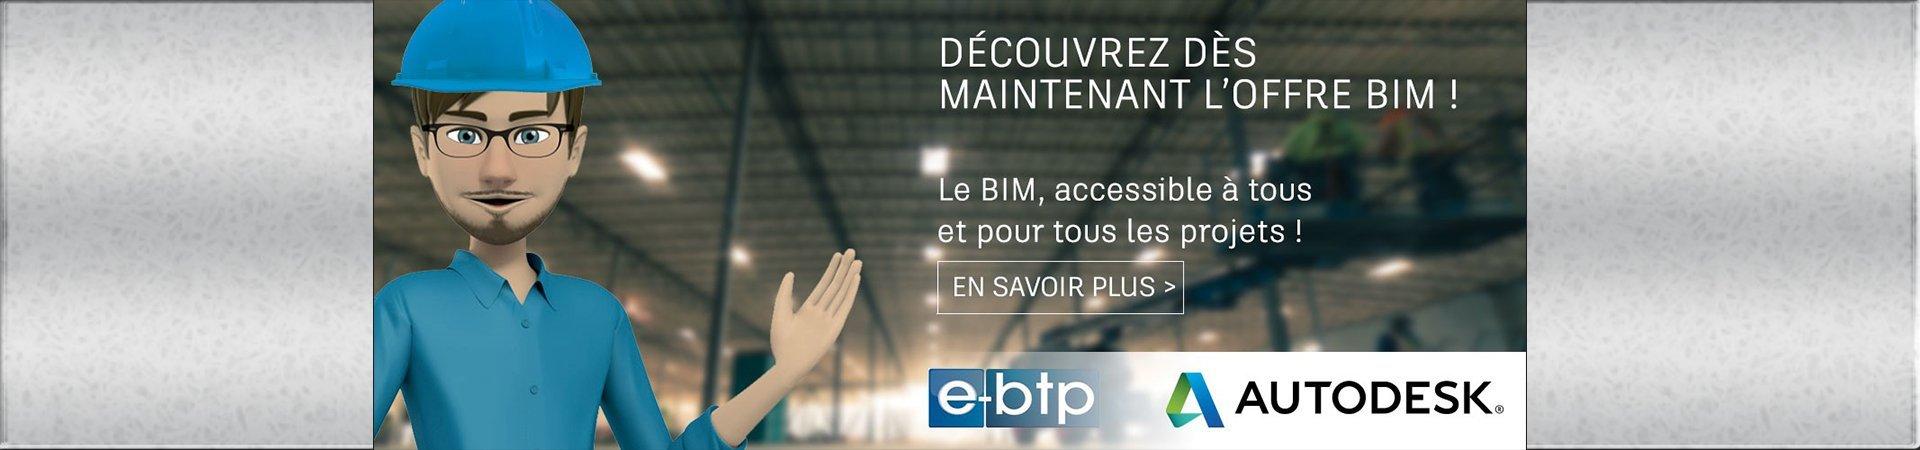 Autodesk offre « BIM e-btp »